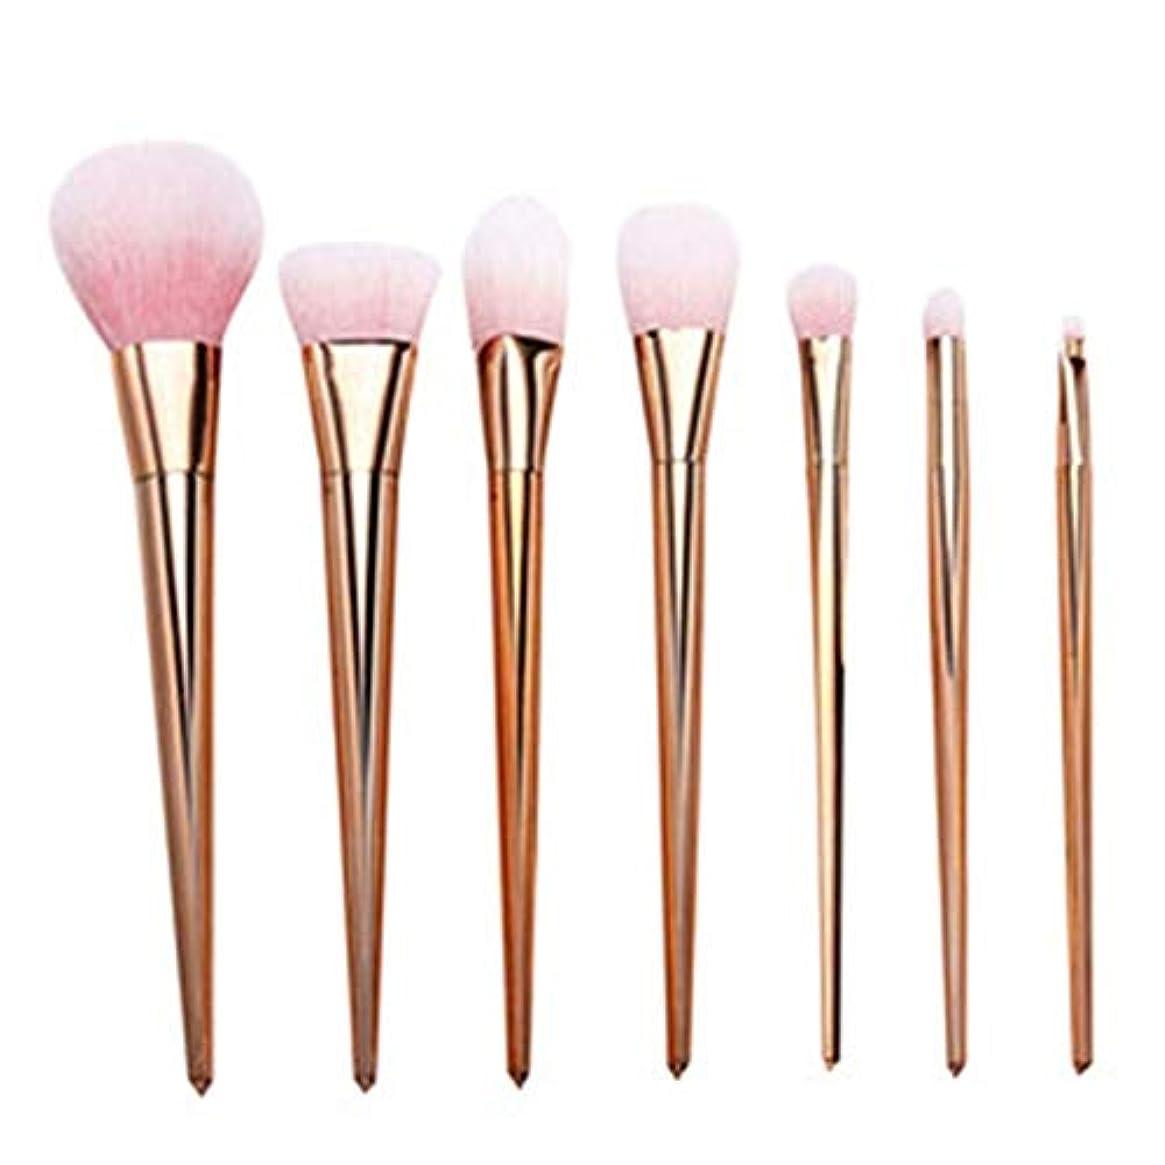 菊バリケード突破口プロ メイクブラシ 化粧筆 シリーズ 化粧ブラシセット 高級タクロン 超柔らかい 可愛い リップブラシツール 7本セット (Color : Rose Gold)